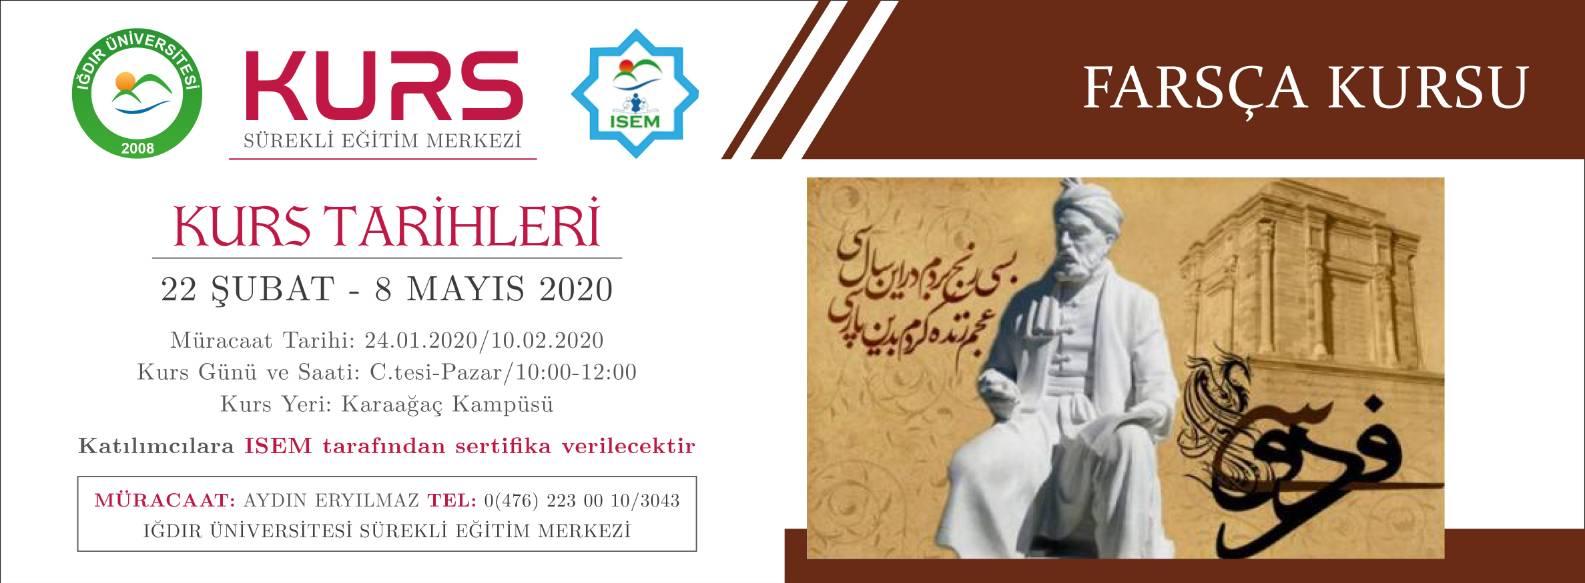 29-01-2020-farsca-kursu-banner-1.jpg